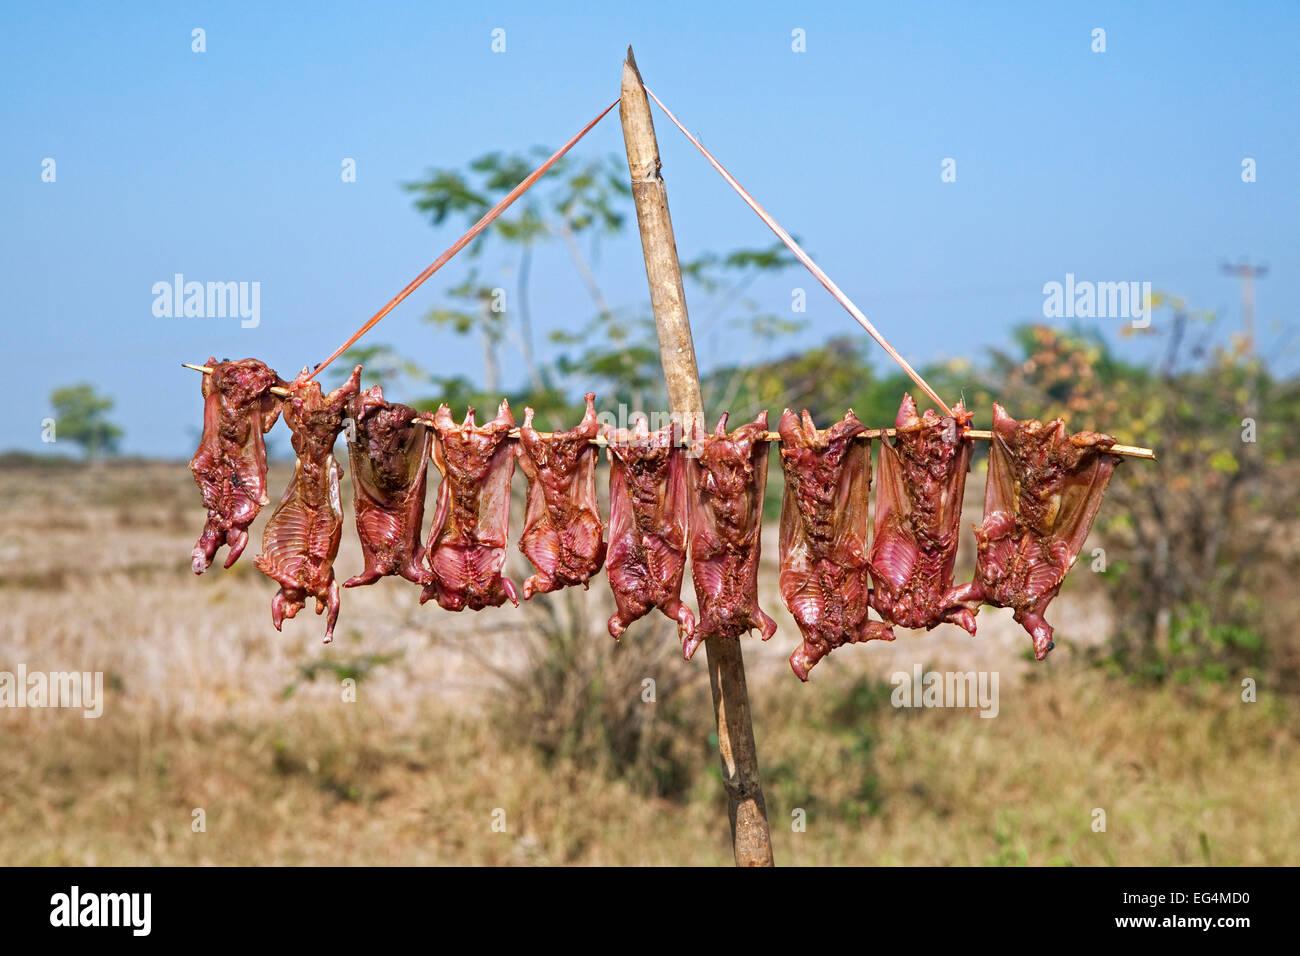 Avaler les carcasses séchant au soleil, la viande utilisée comme nourriture dans la cuisine locale, région Photo Stock